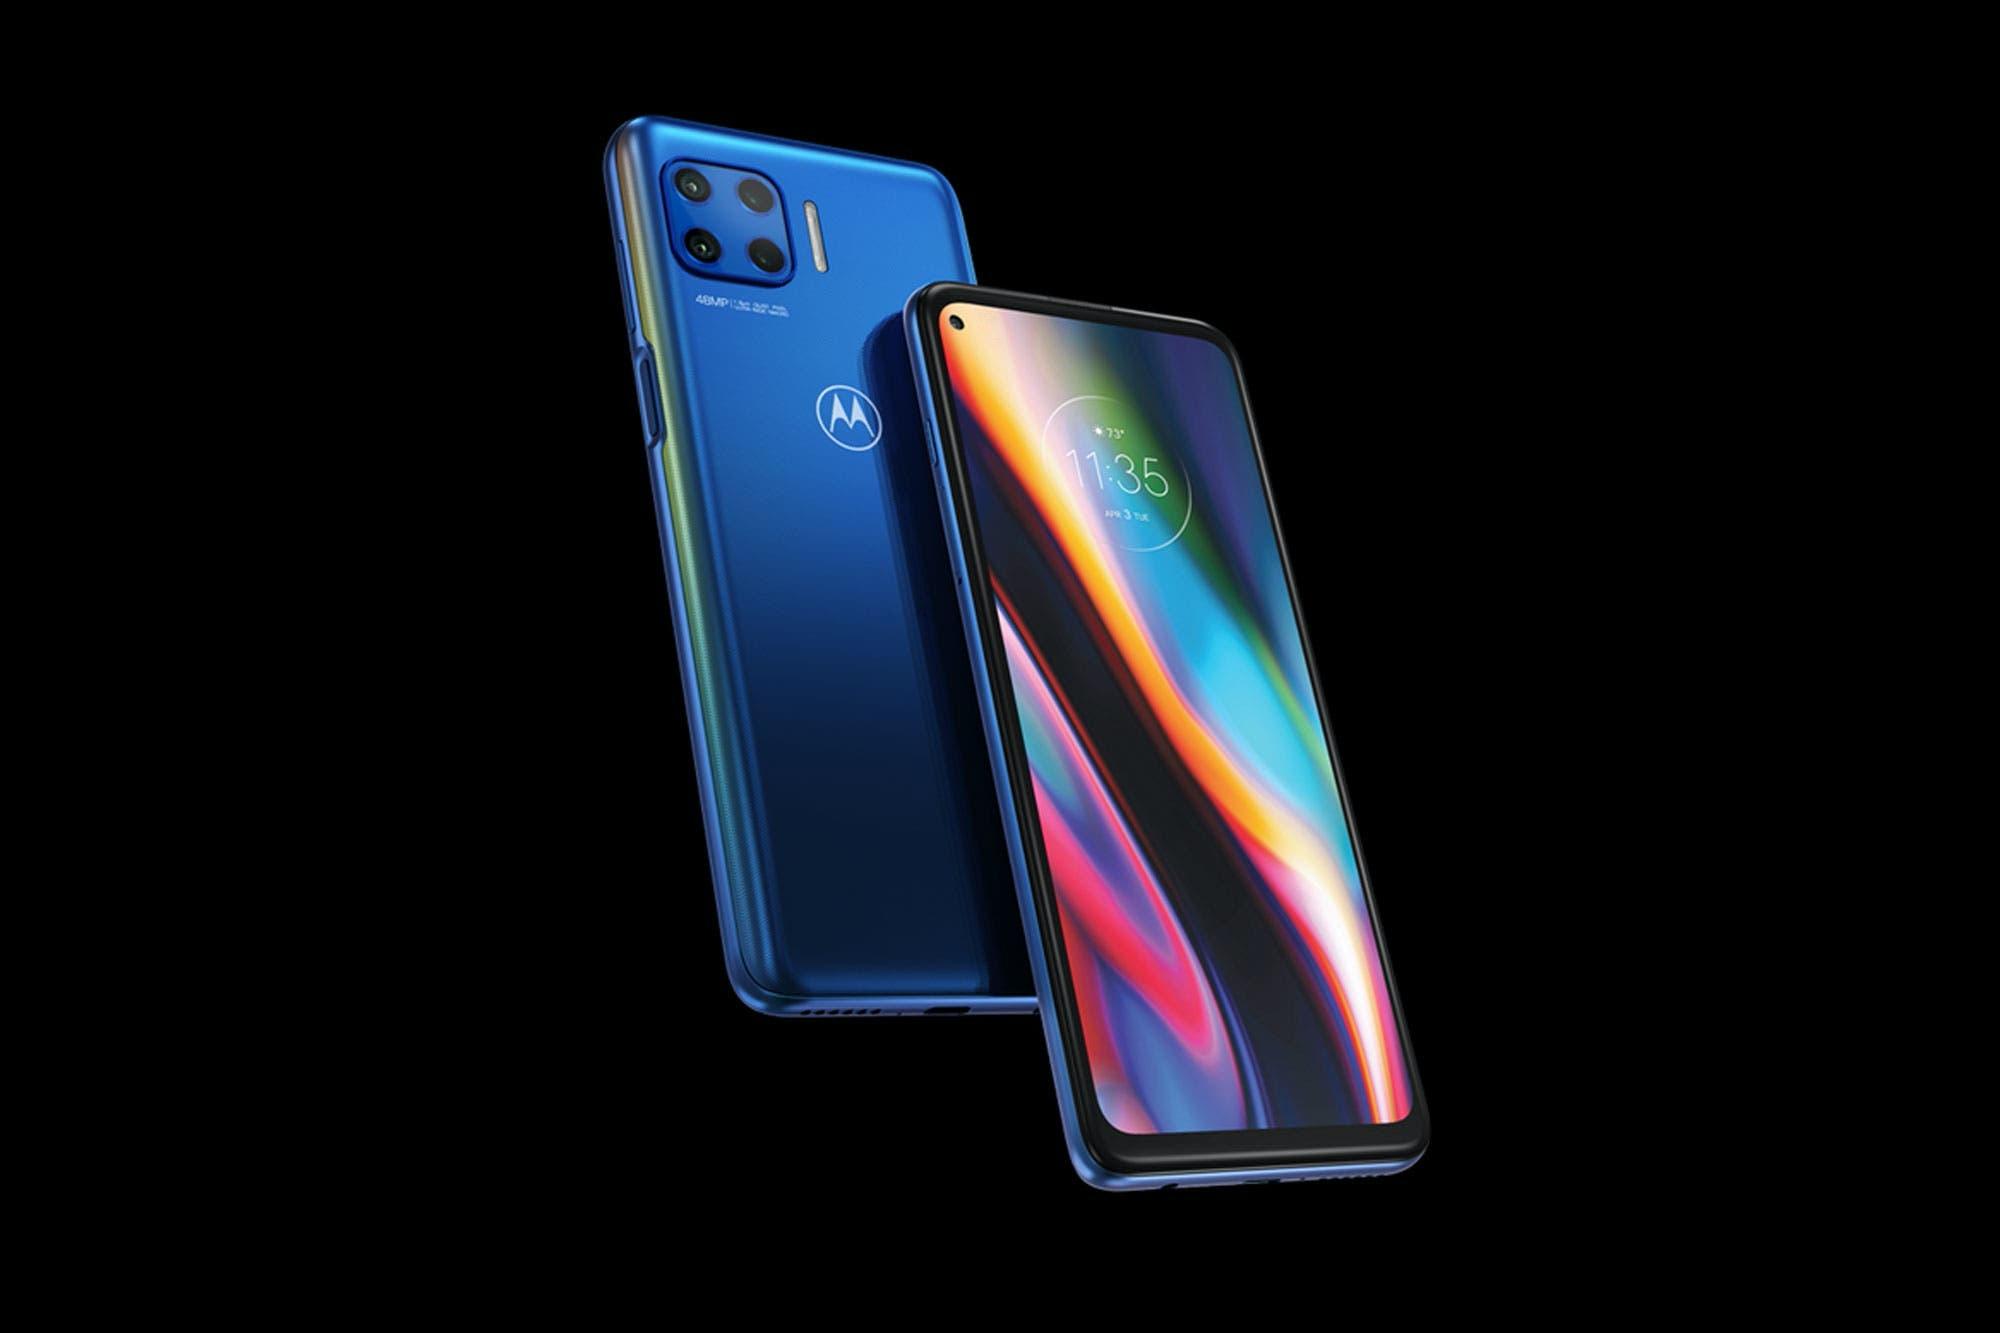 Motorola сертифицировала Moto G9 Plus в TUV Rheinland: смартфон получит батарею на 4700 мАч с быстрой зарядкой на 30 Вт